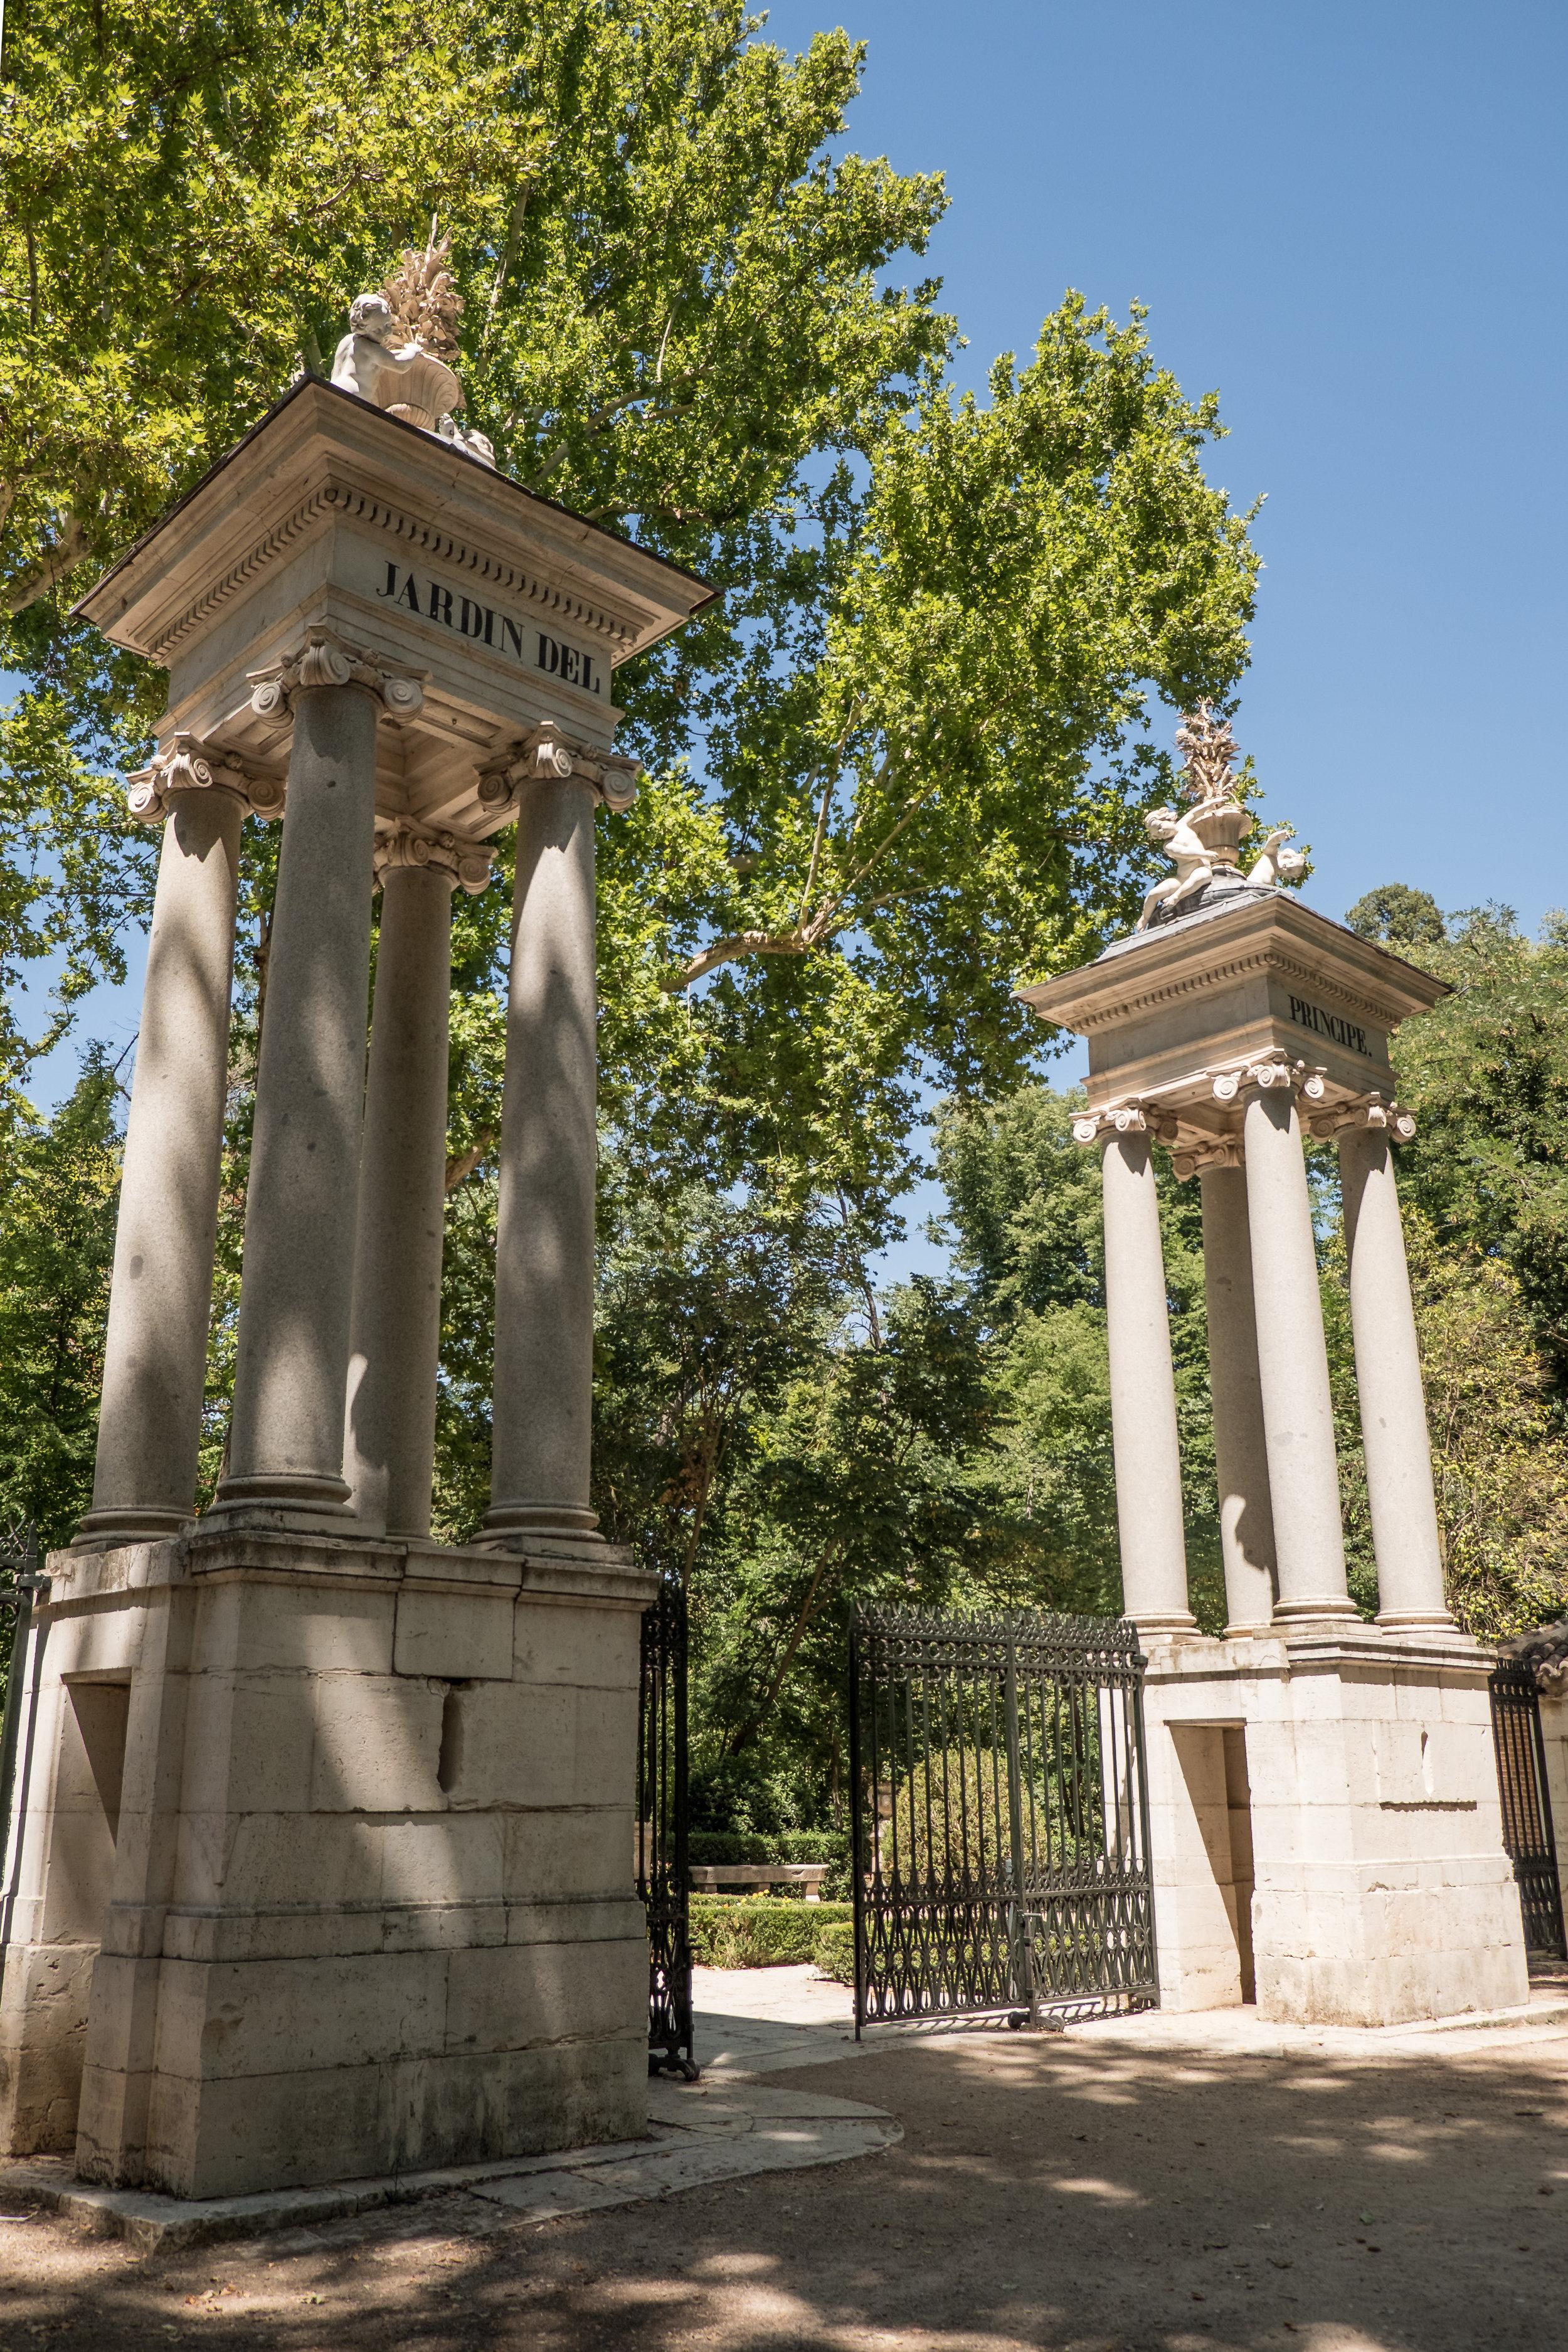 Jardín del Príncipe-2.jpg